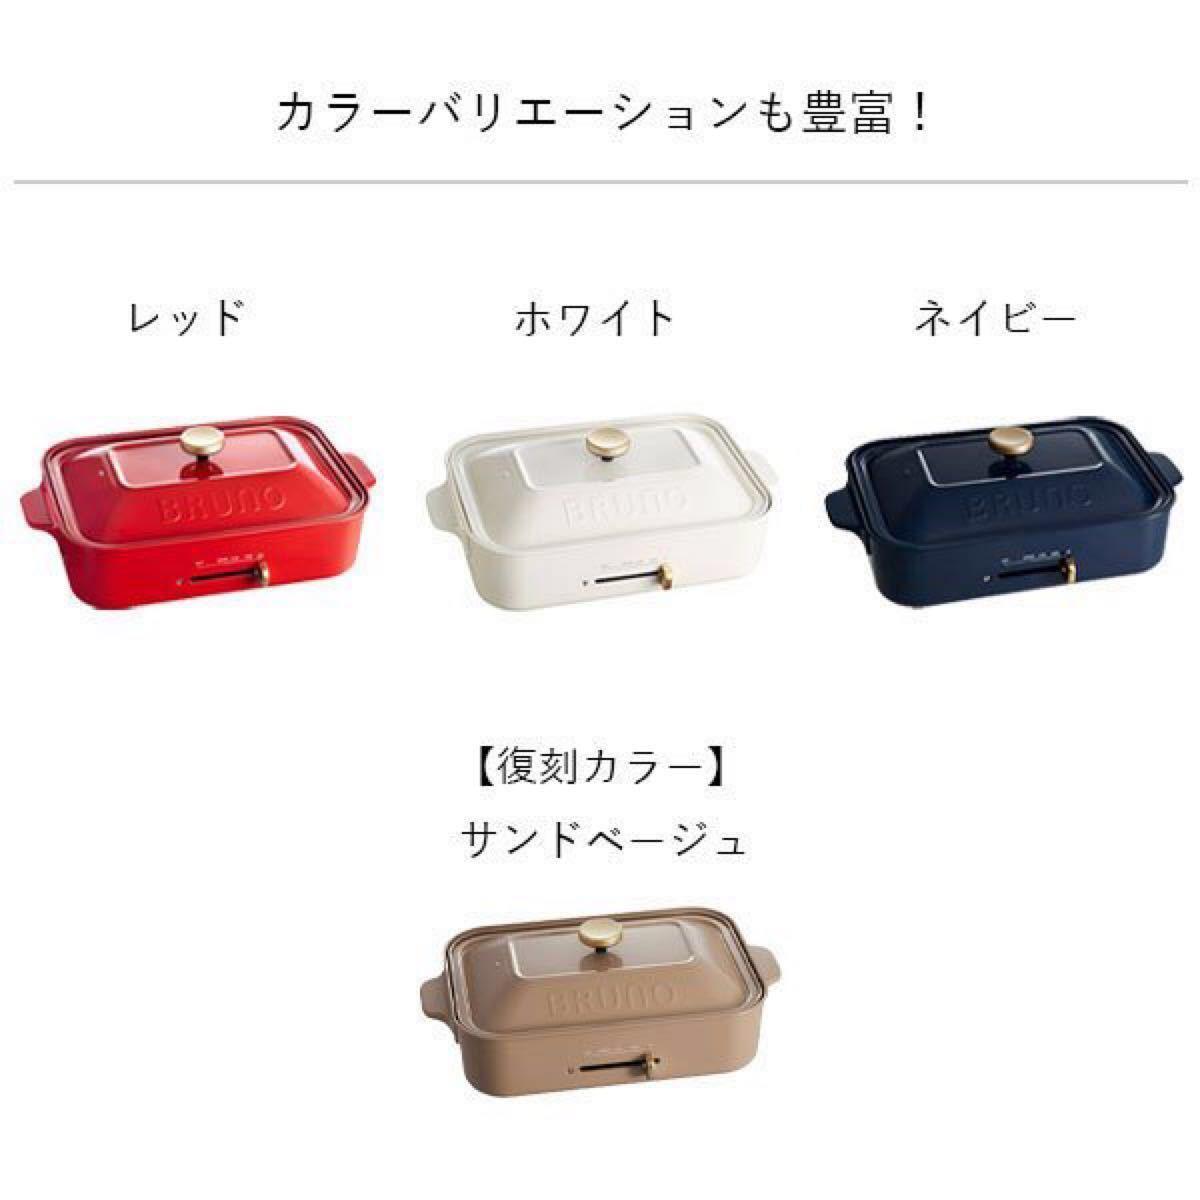 【送料無料】未使用品 BRUNO  ブルーノ コンパクトホットプレート ホワイト BOE021-WH